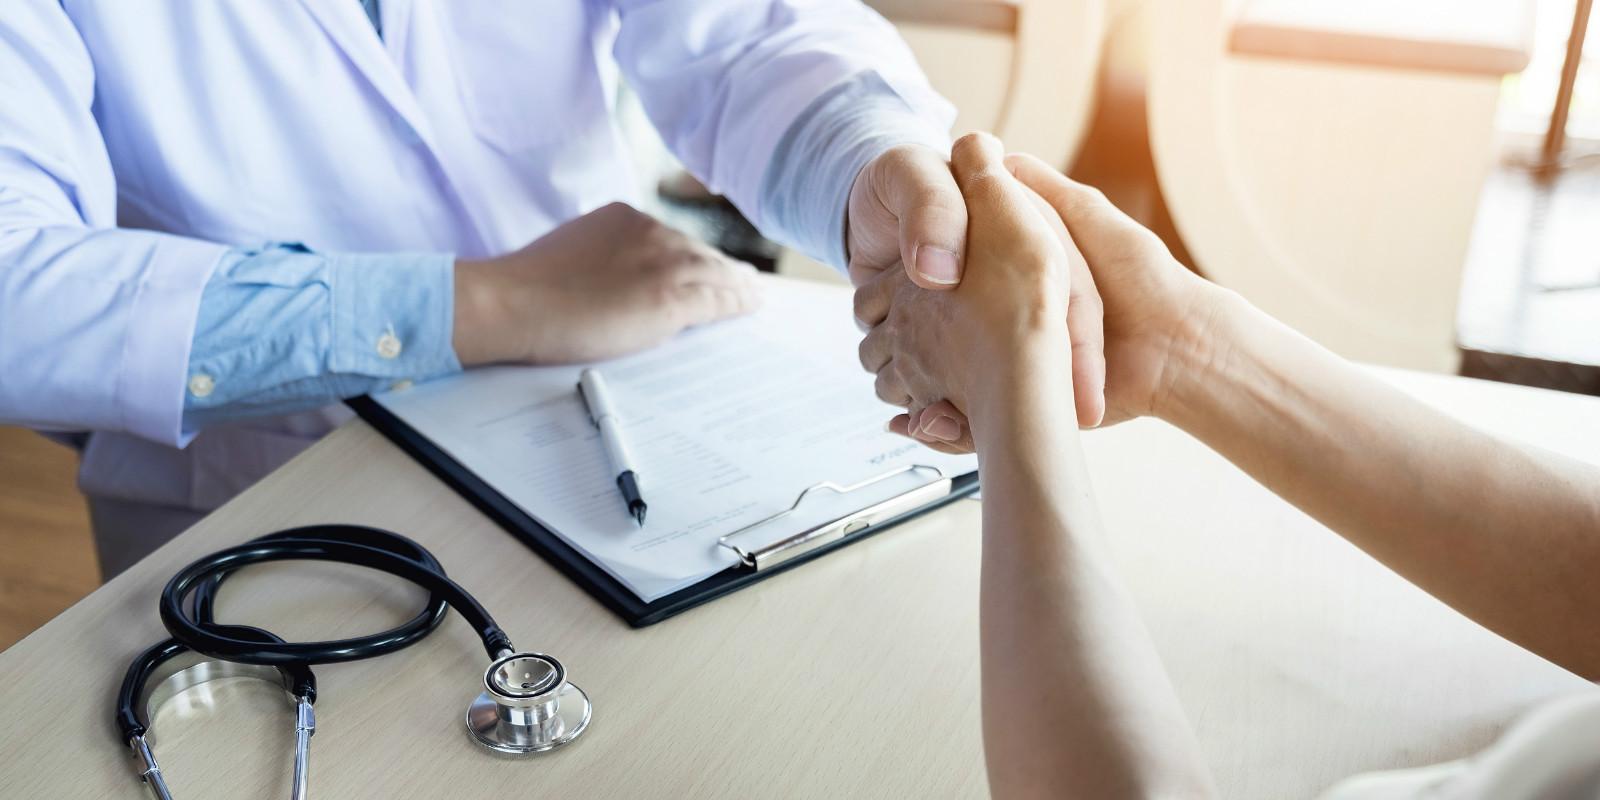 为何现在医患关系紧张?三甲医院主任医师说了这些原因